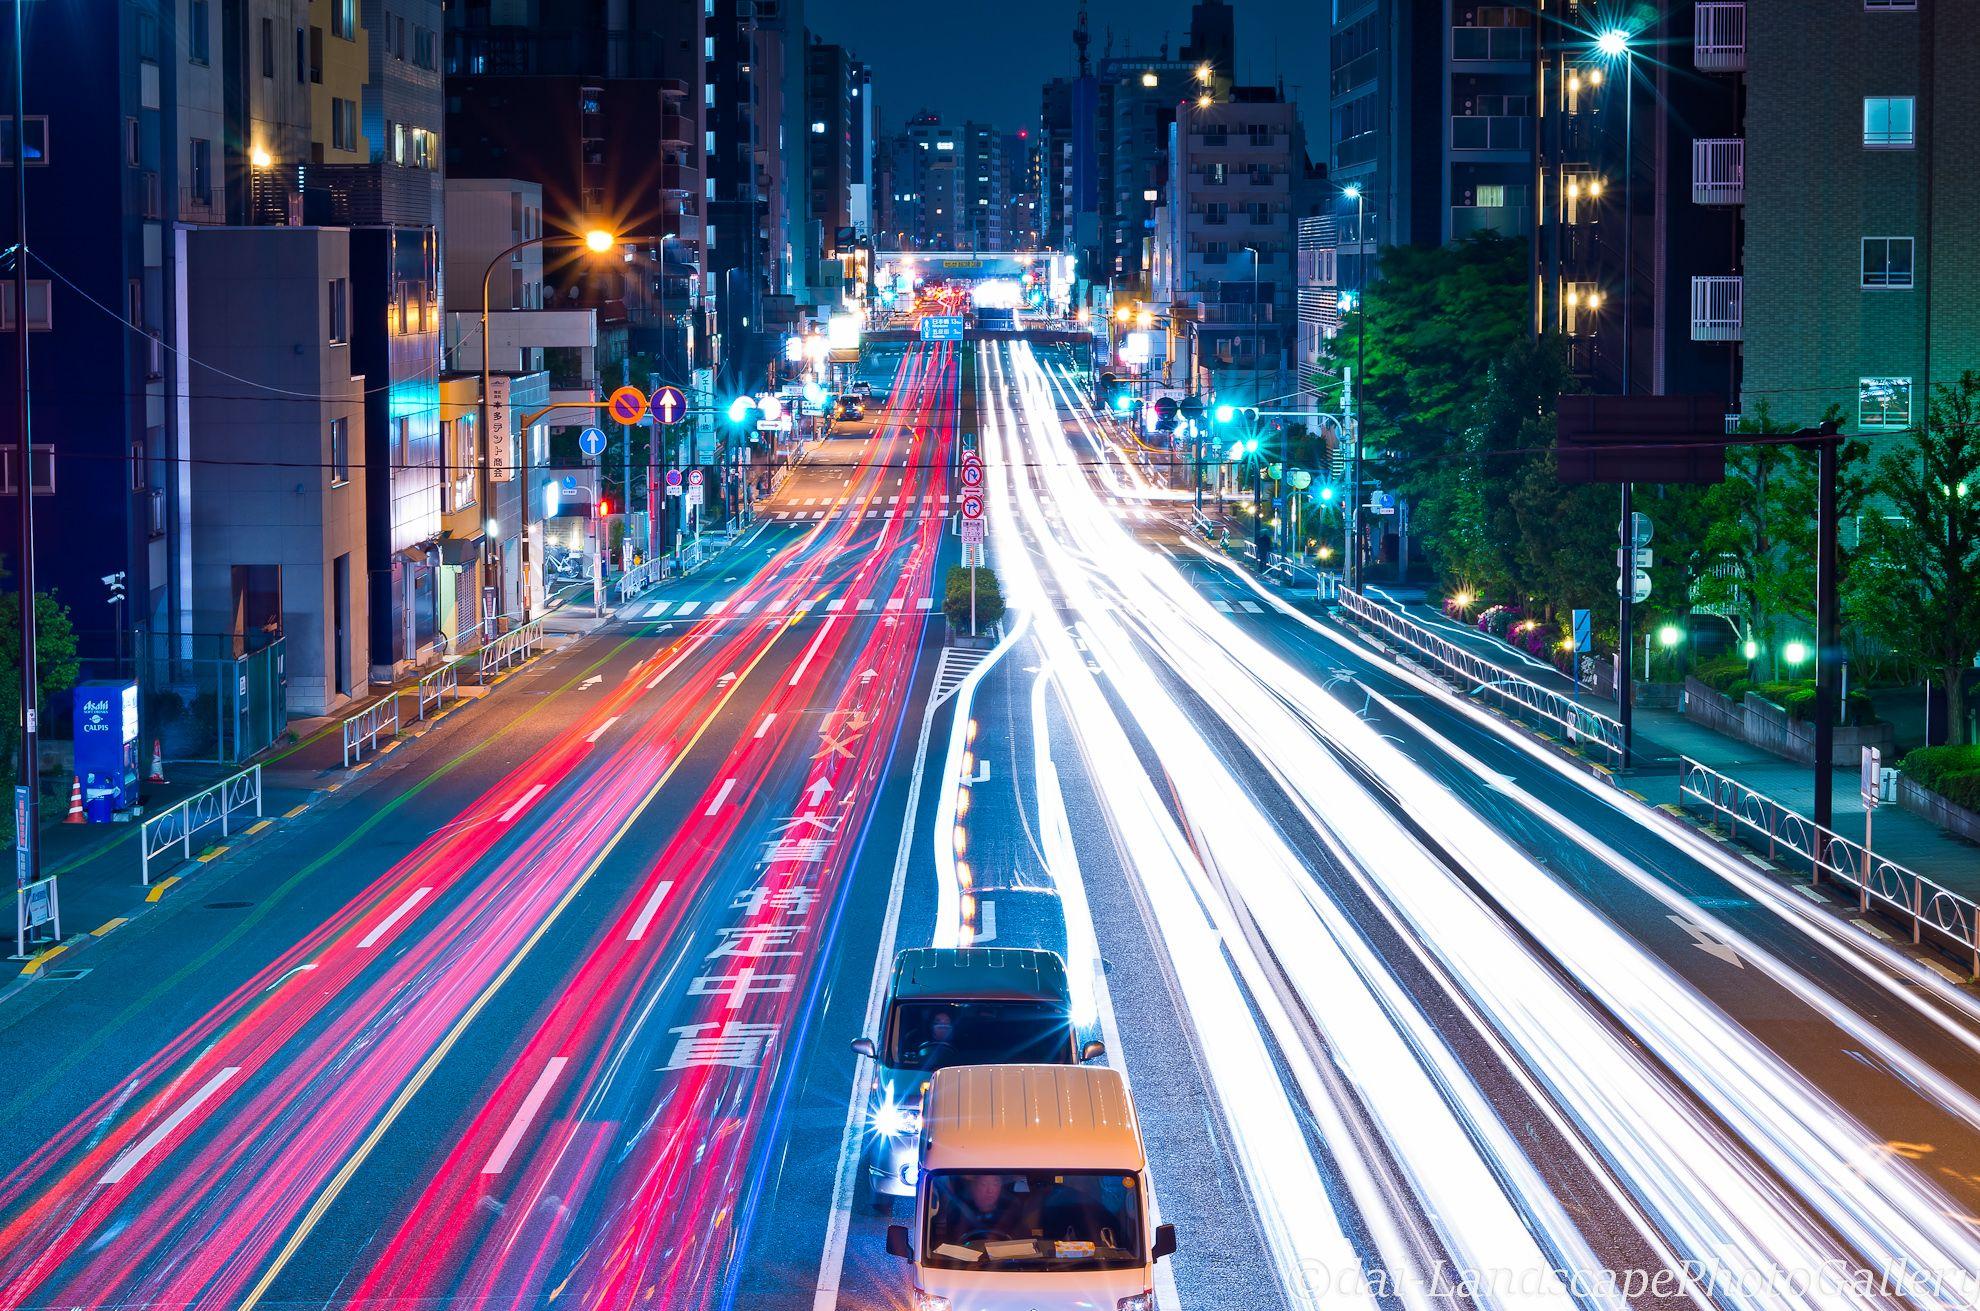 #street #Light #car #Japan #TOKYO #LightLine   東京, 夜景